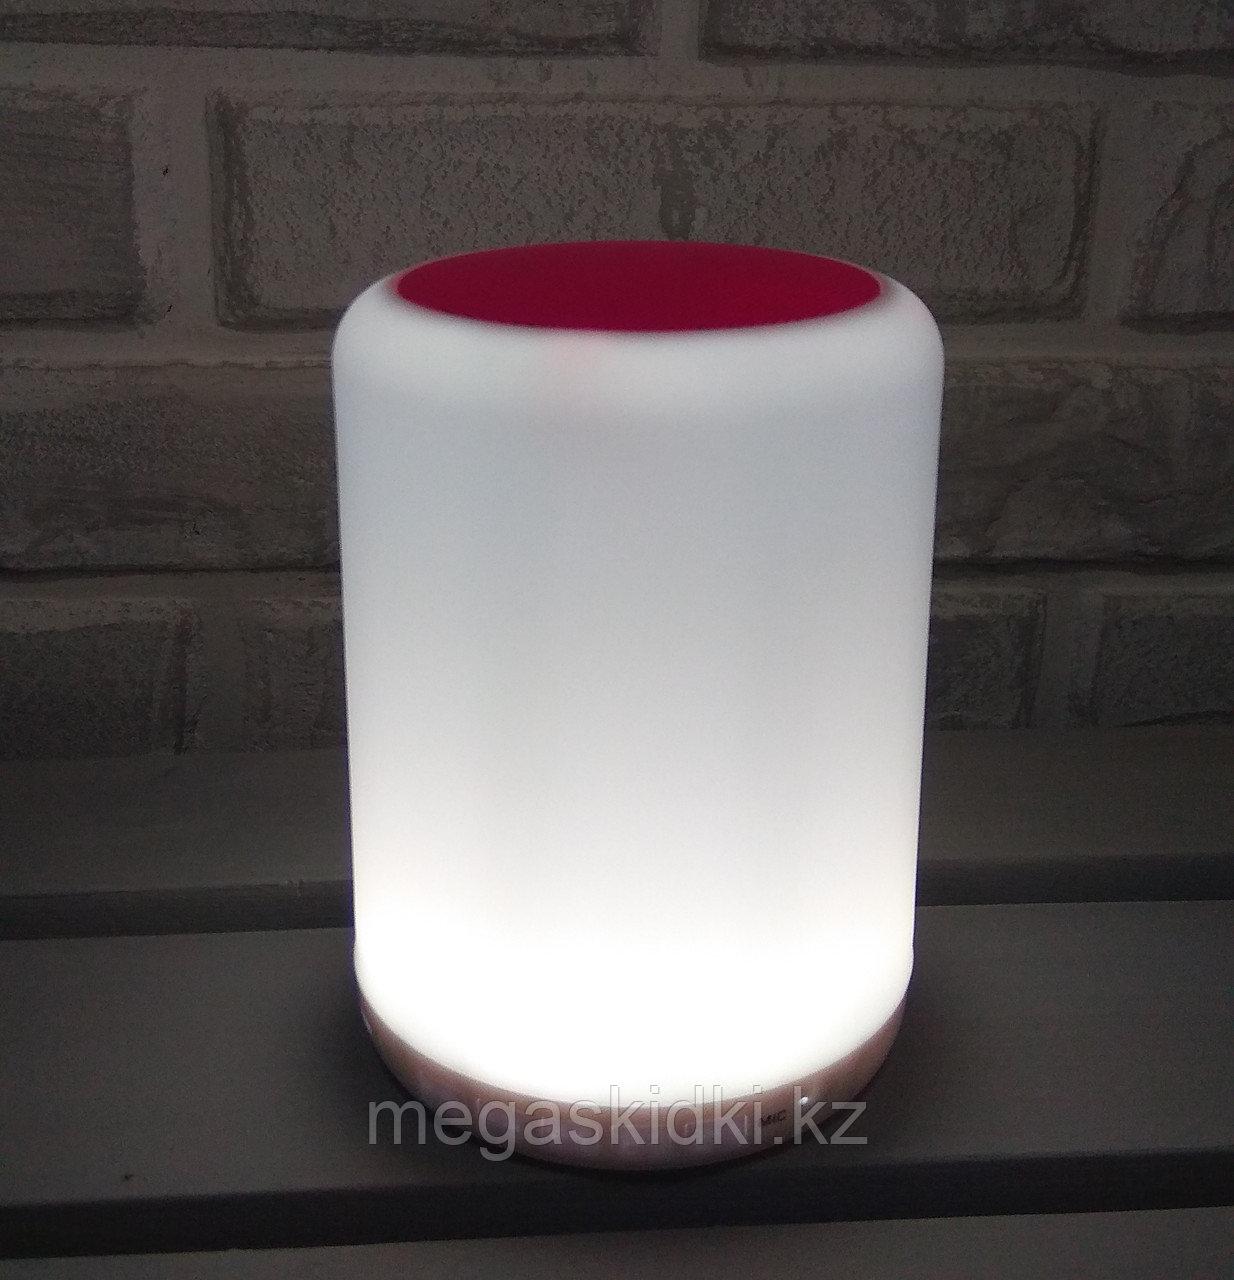 Портативная колонка Bluetooth с подсветкой Y02 Бело-розовый